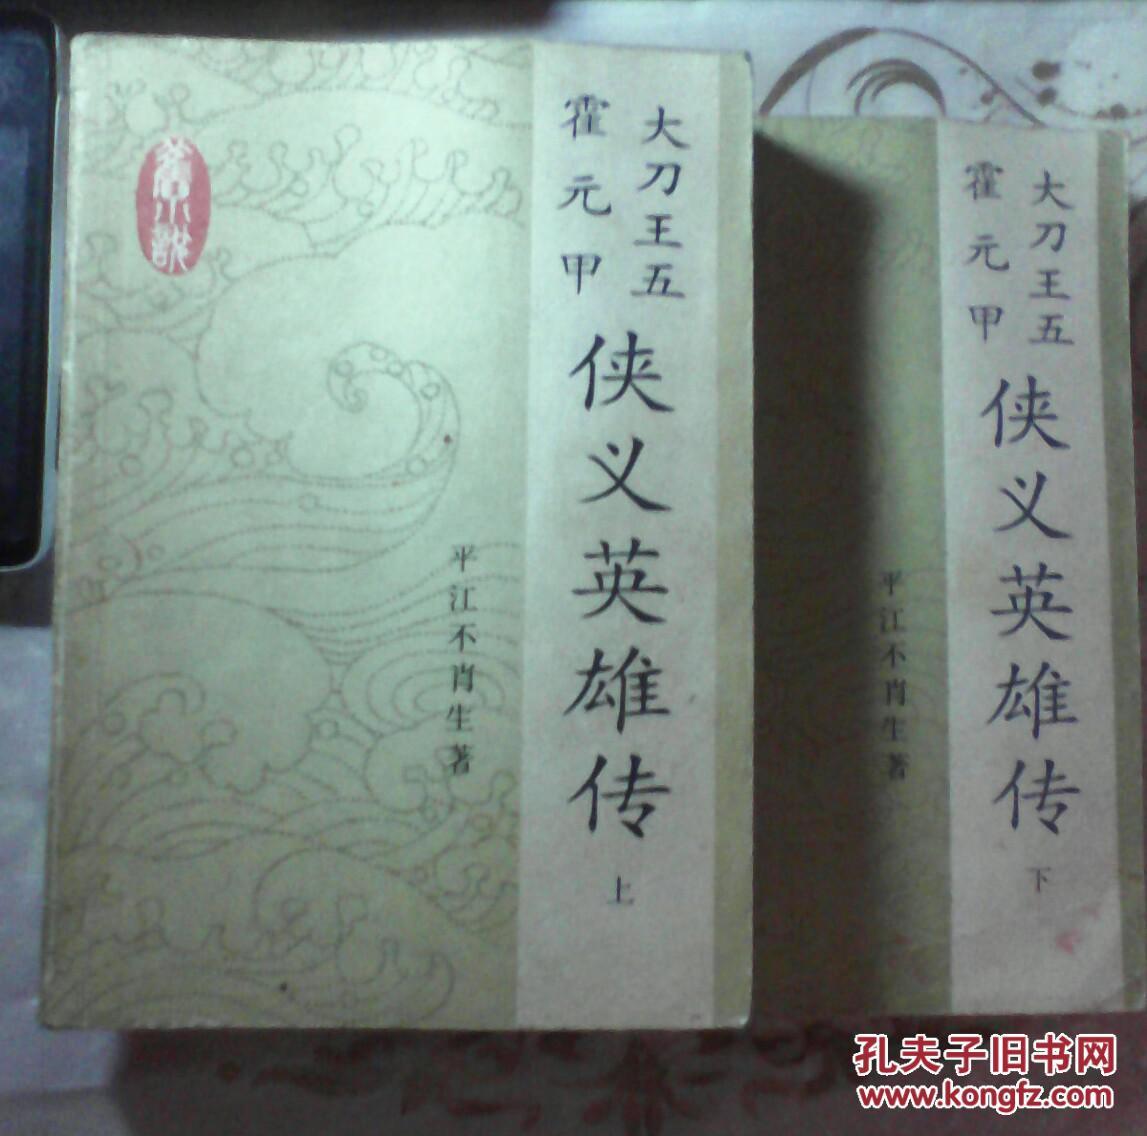 大刀王五霍元甲 侠义英雄传(上下 全二册)有绣像